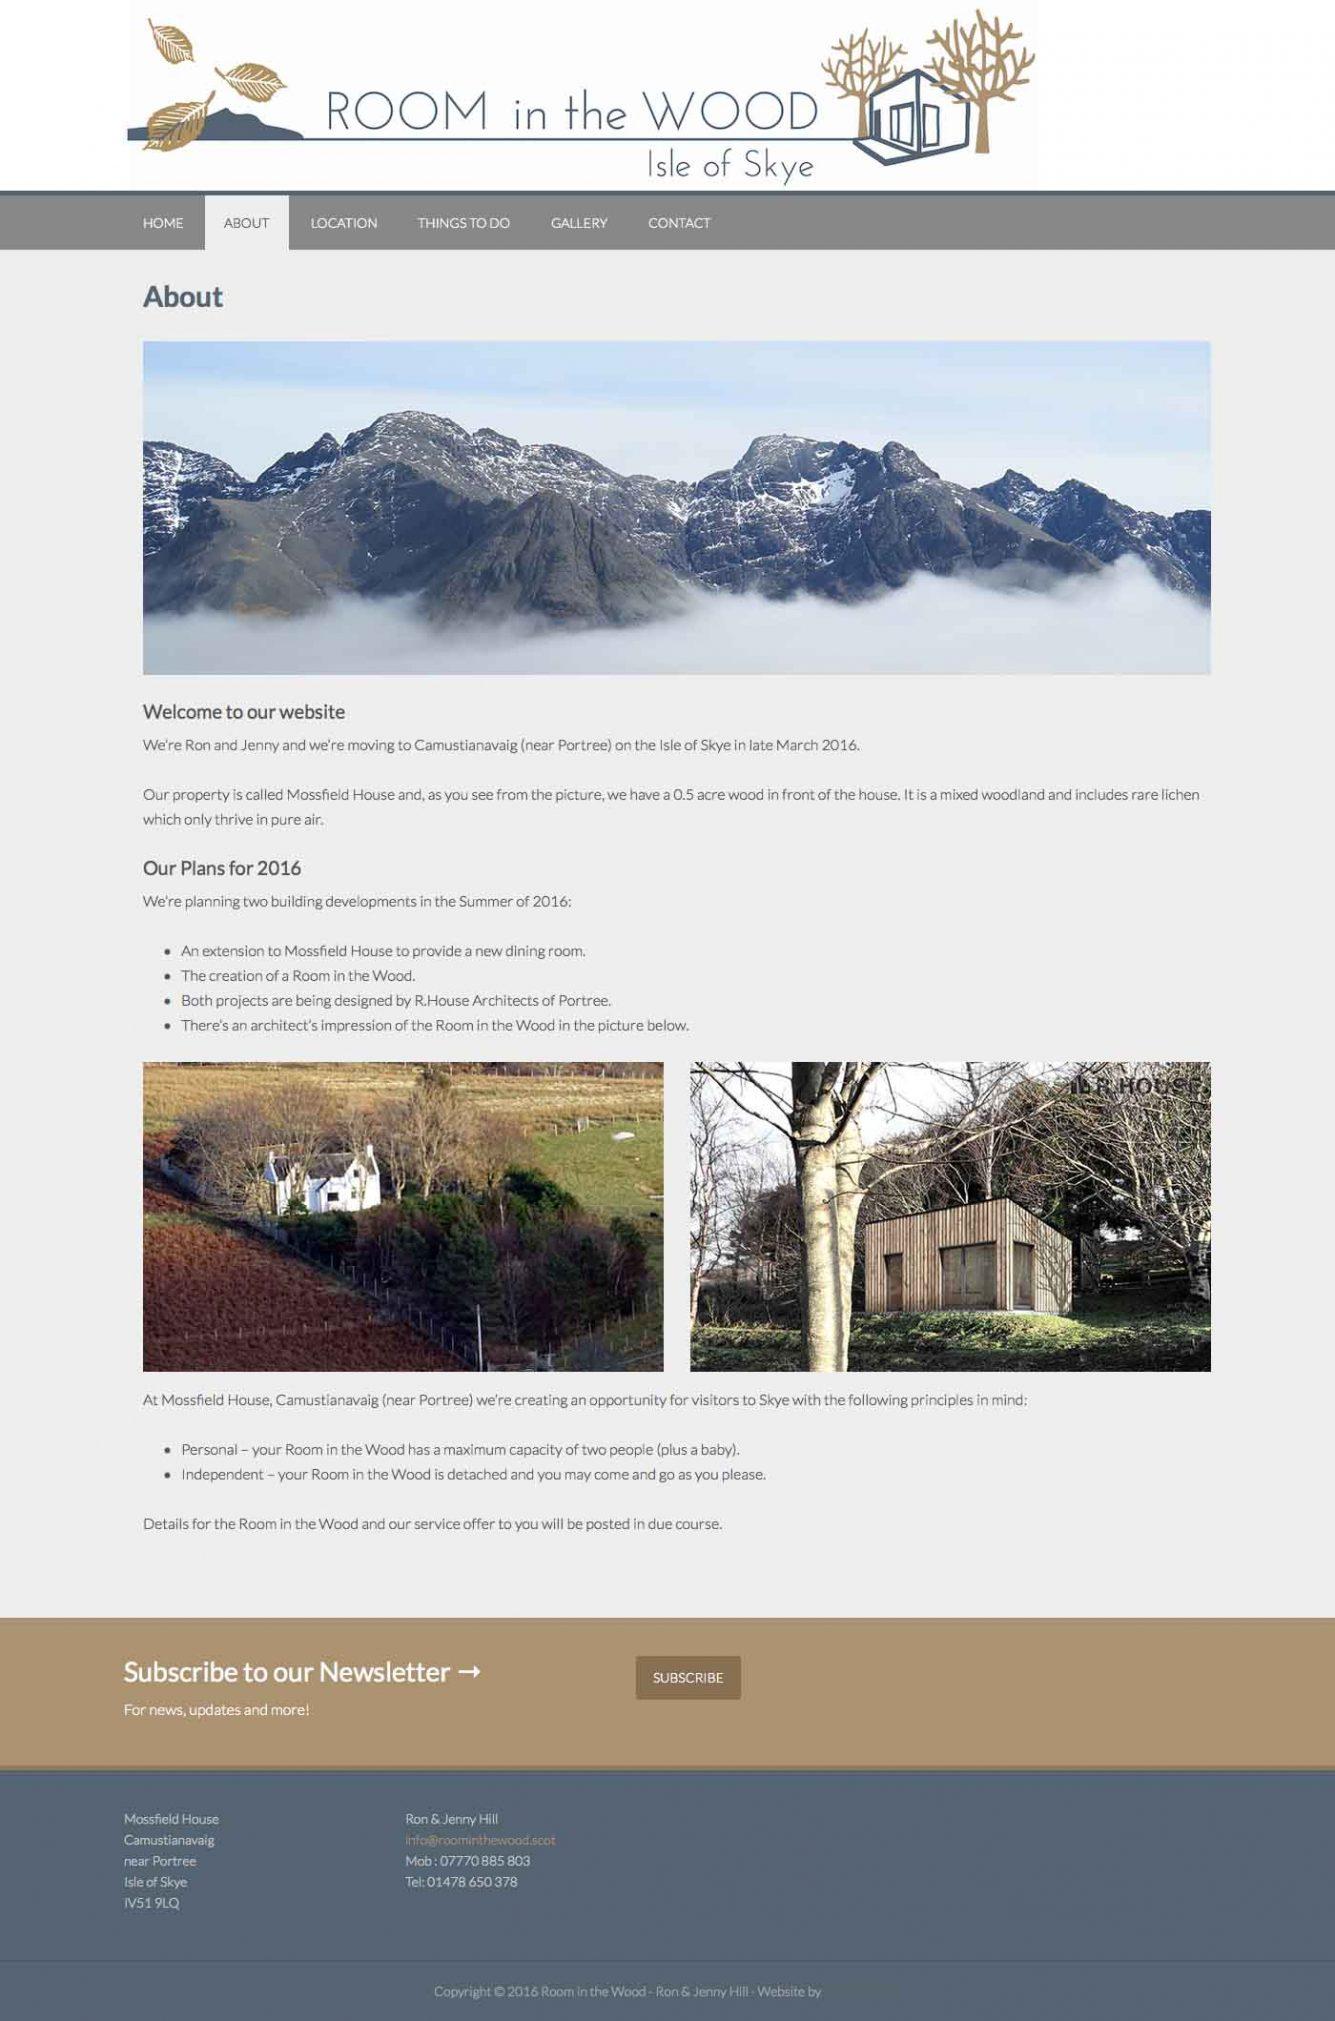 Skye Websites, Room in the Wood, Home